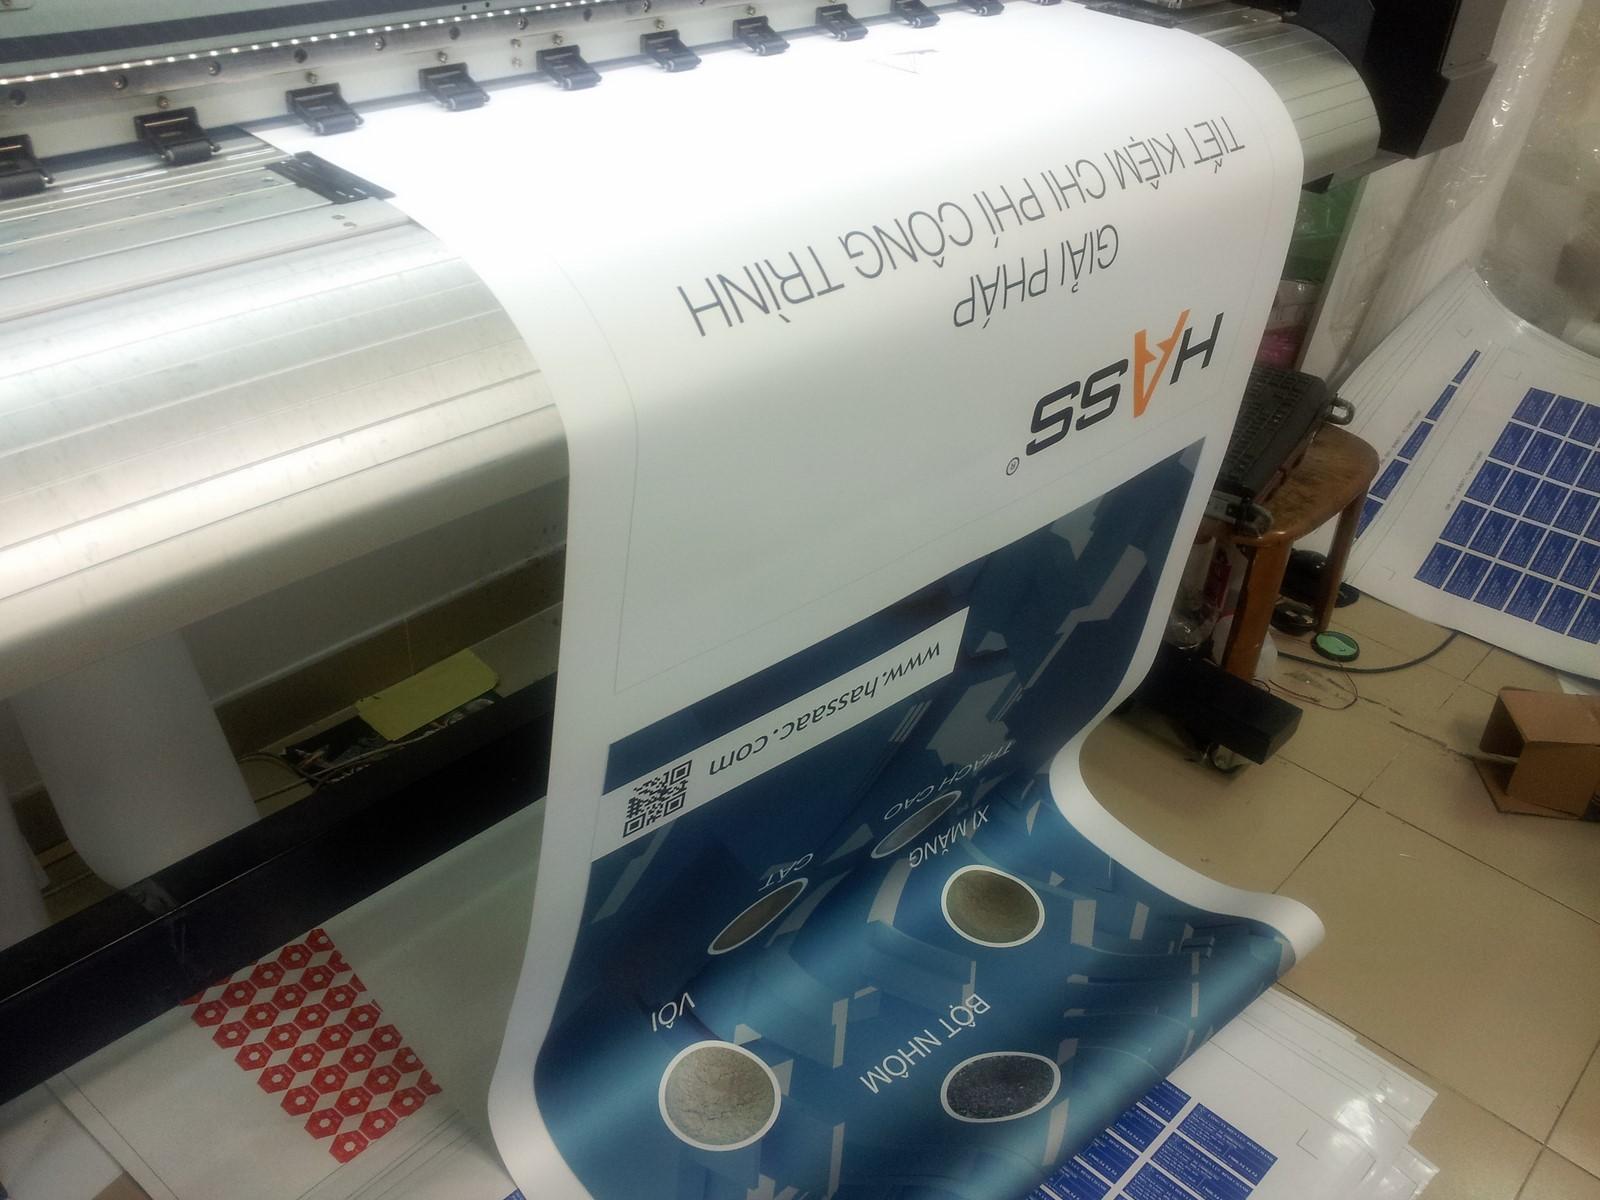 Thực hiện in ấn trực tiếp sản phẩm poster banner từ máy in khổ hơn, hoạt động theo công nghệ Nhật cho hình ảnh siêu nét, màu sắc poster siêu đẹp